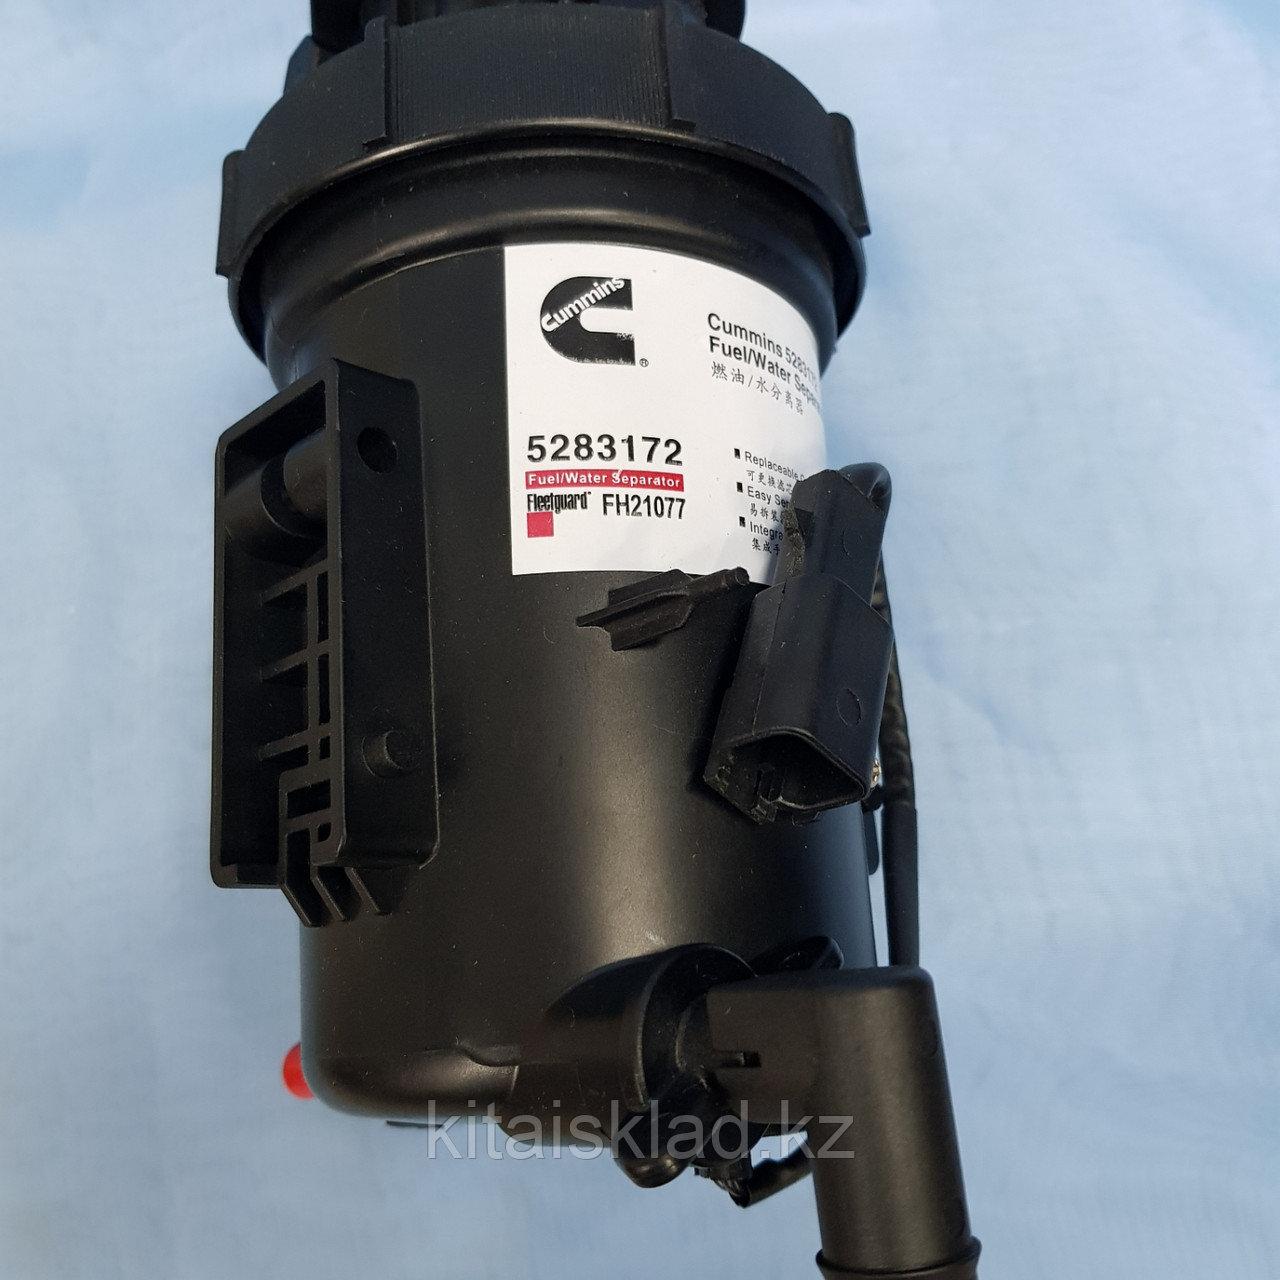 Фильтр топливный в сборе Cummins isf2.8 (5283172)